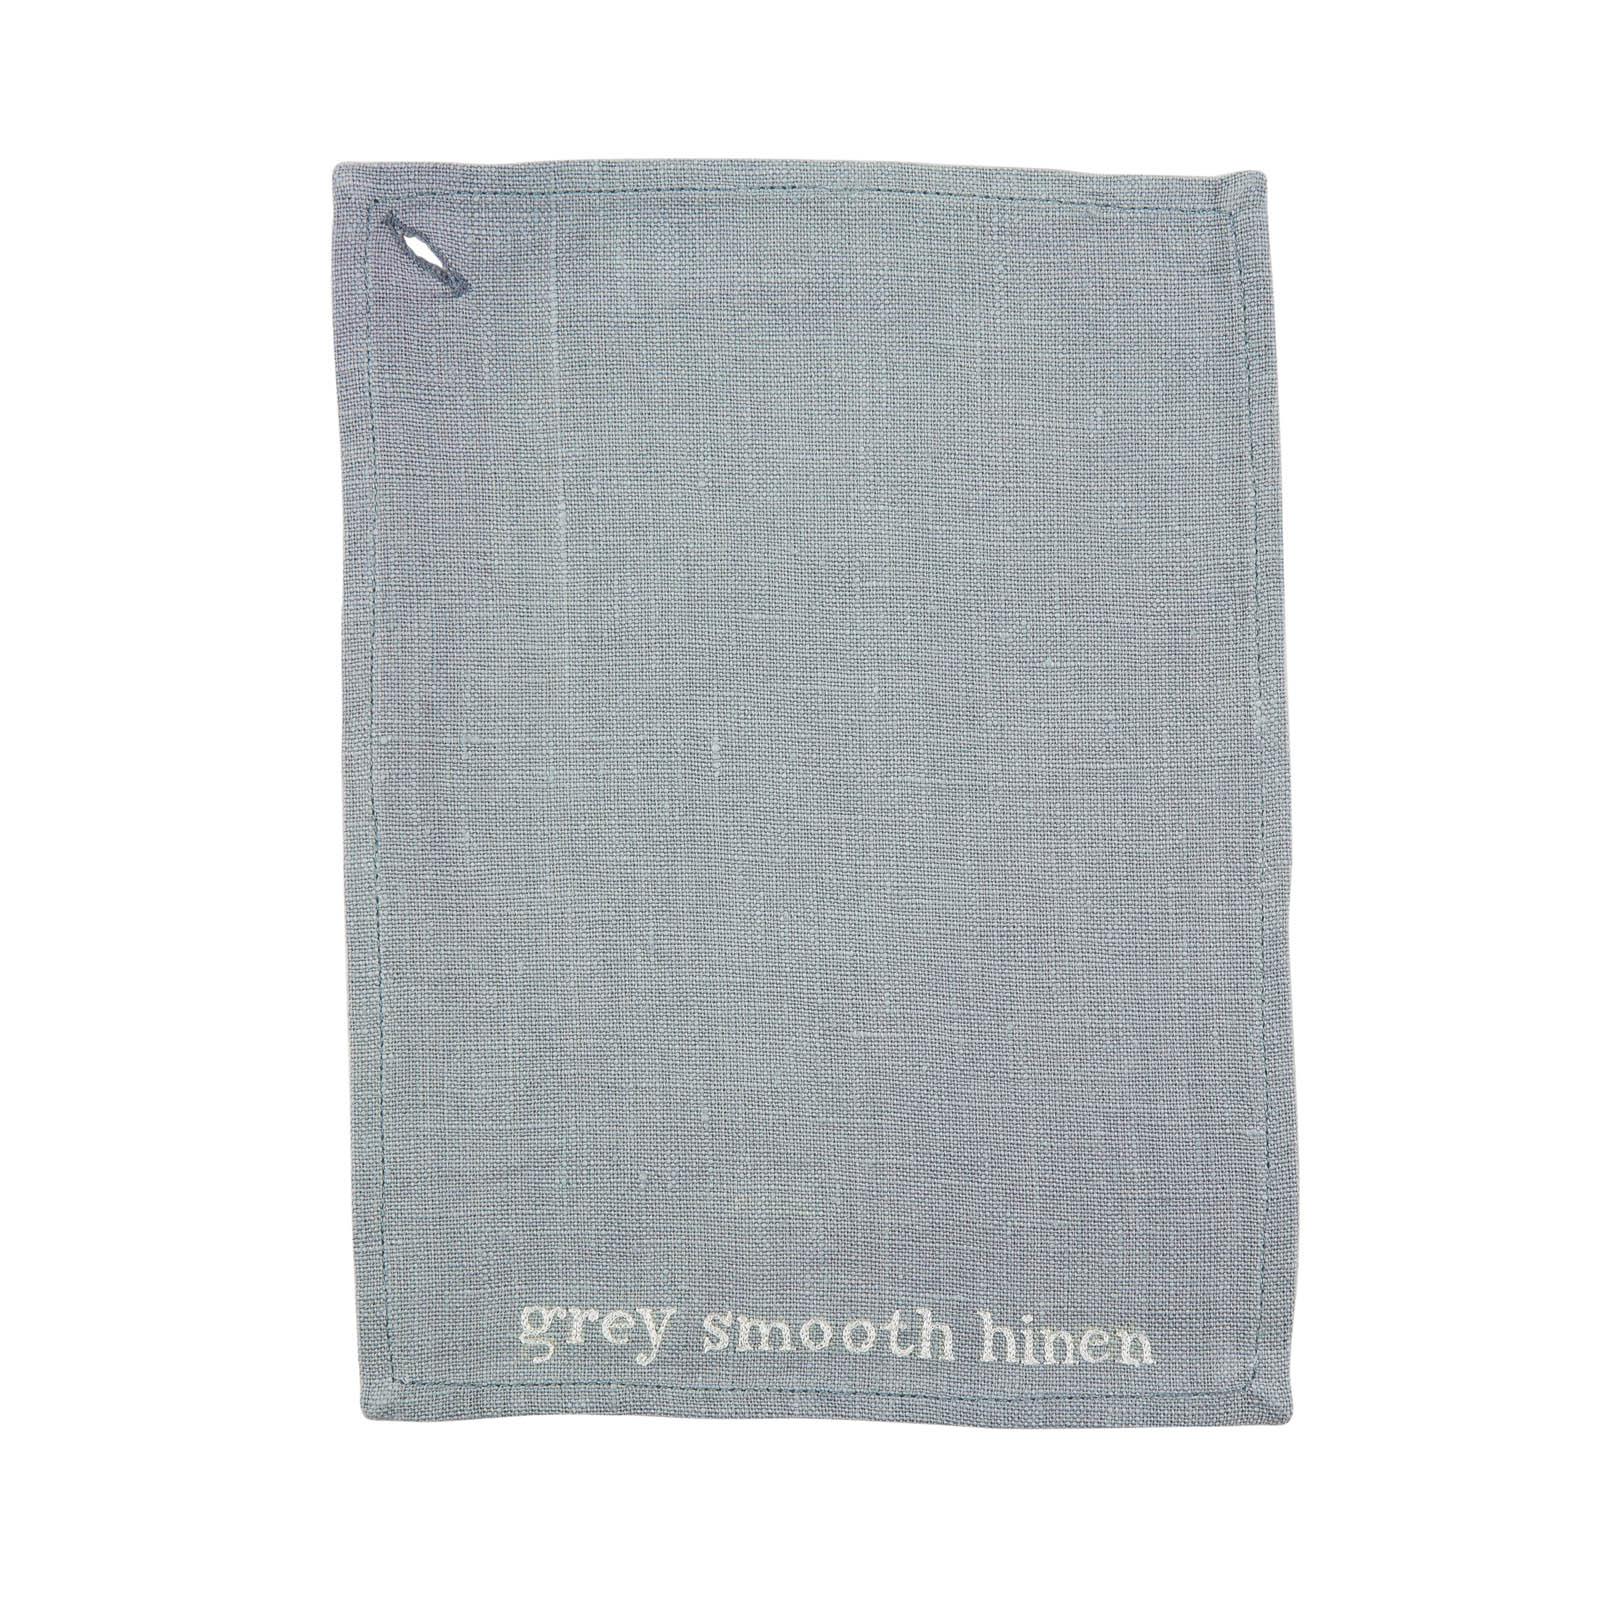 GREY SMOOTH LINEN